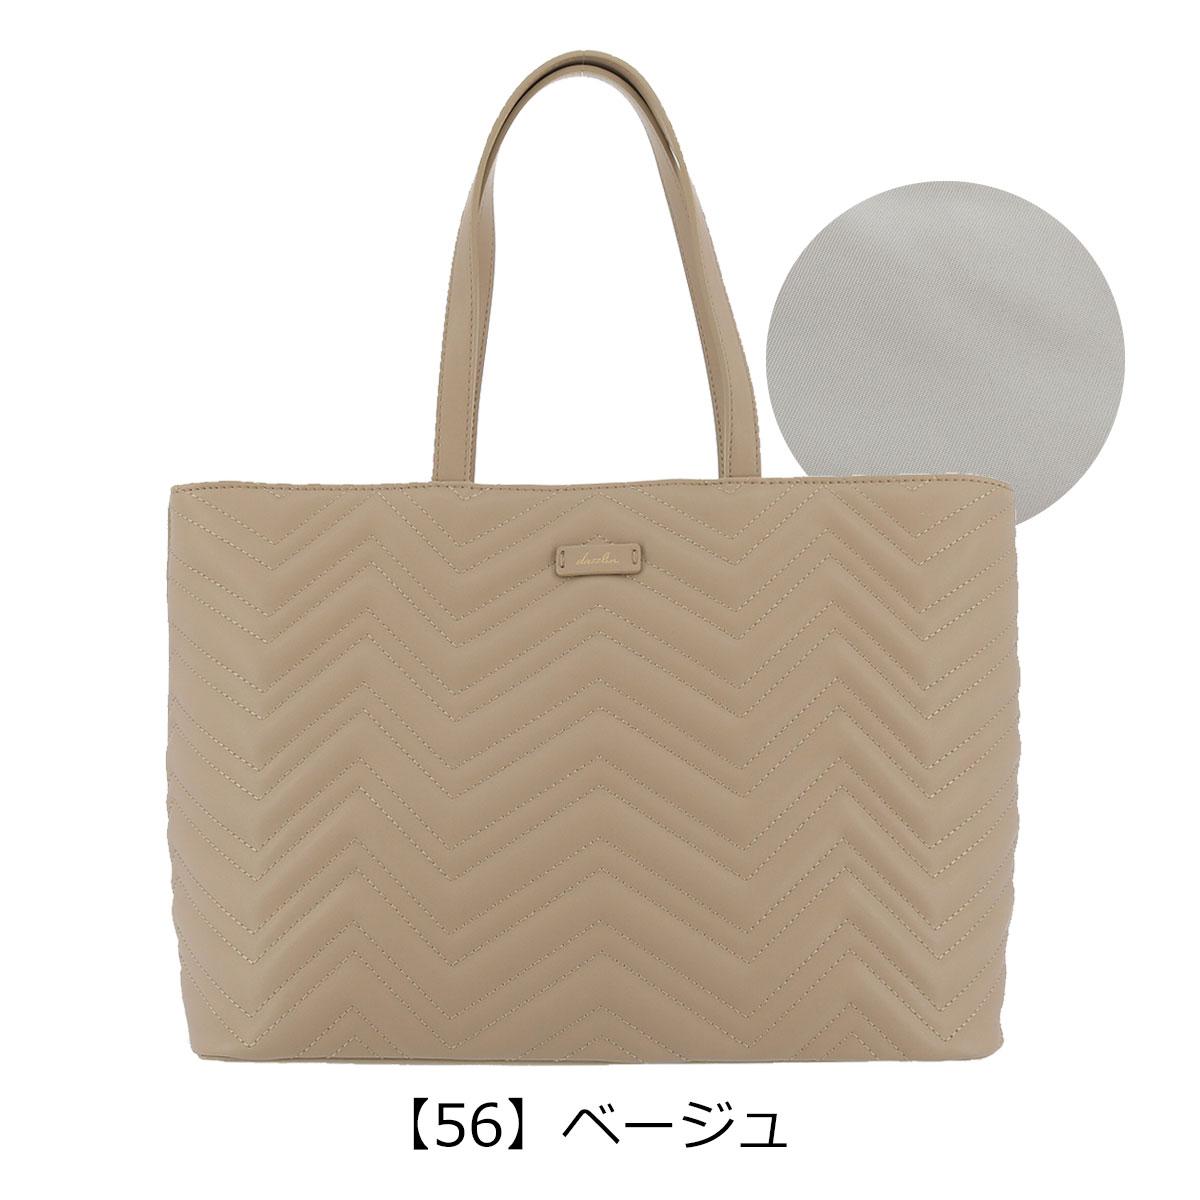 【56】ベージュ